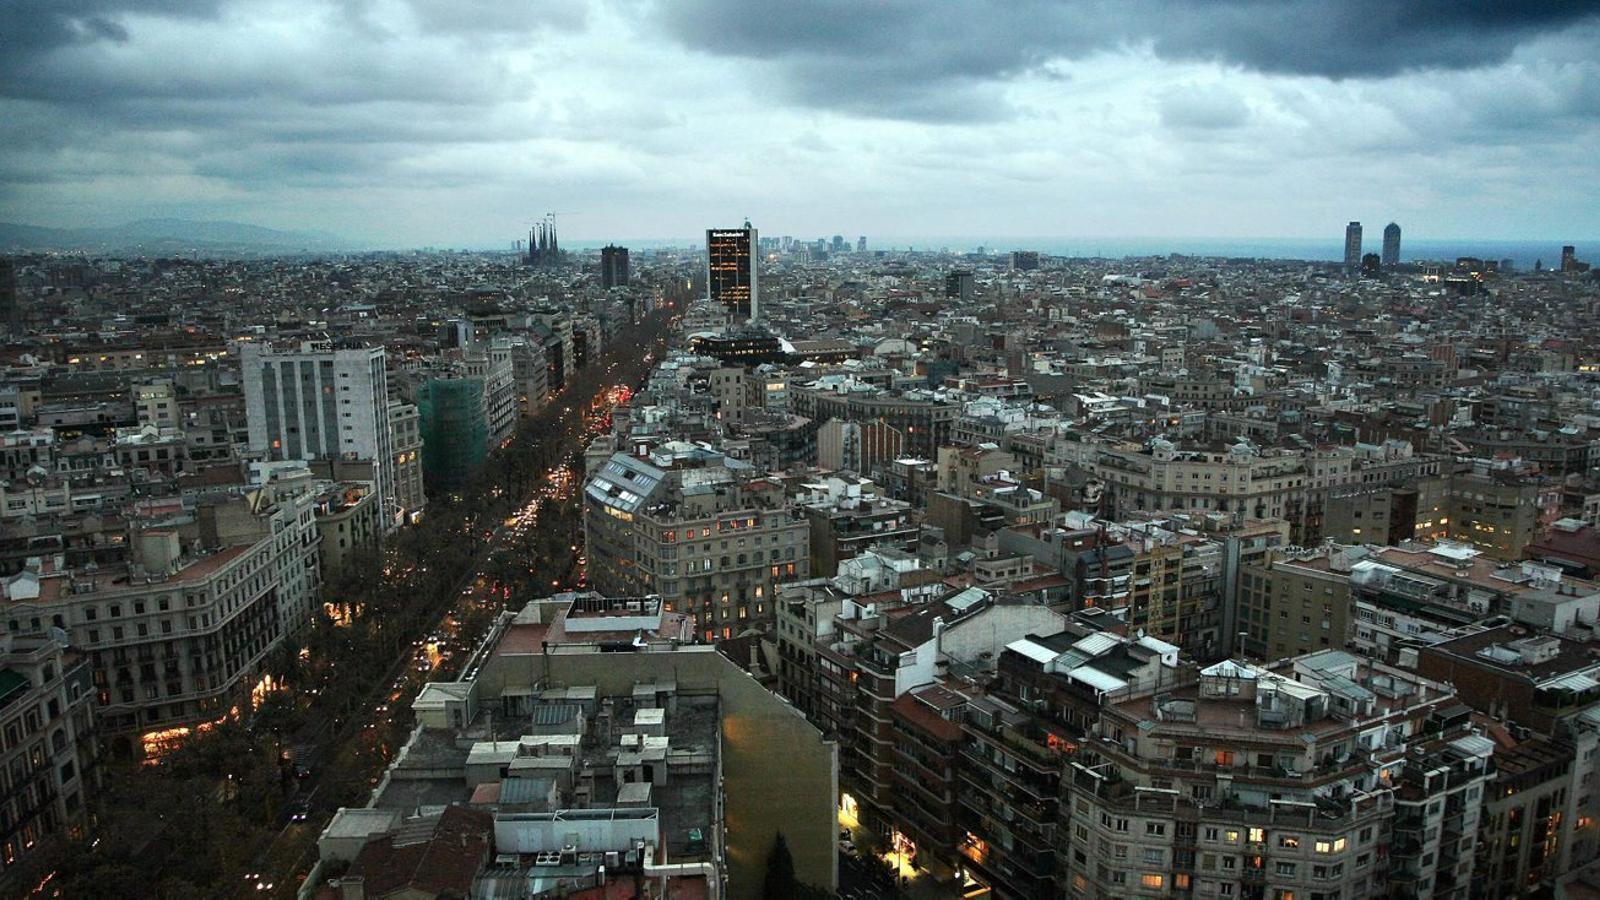 L'habitatge a Barcelona ha augmentat un 31% el preu des dels mínims del novembre del 2013 i lidera la pujada a l'Estat.